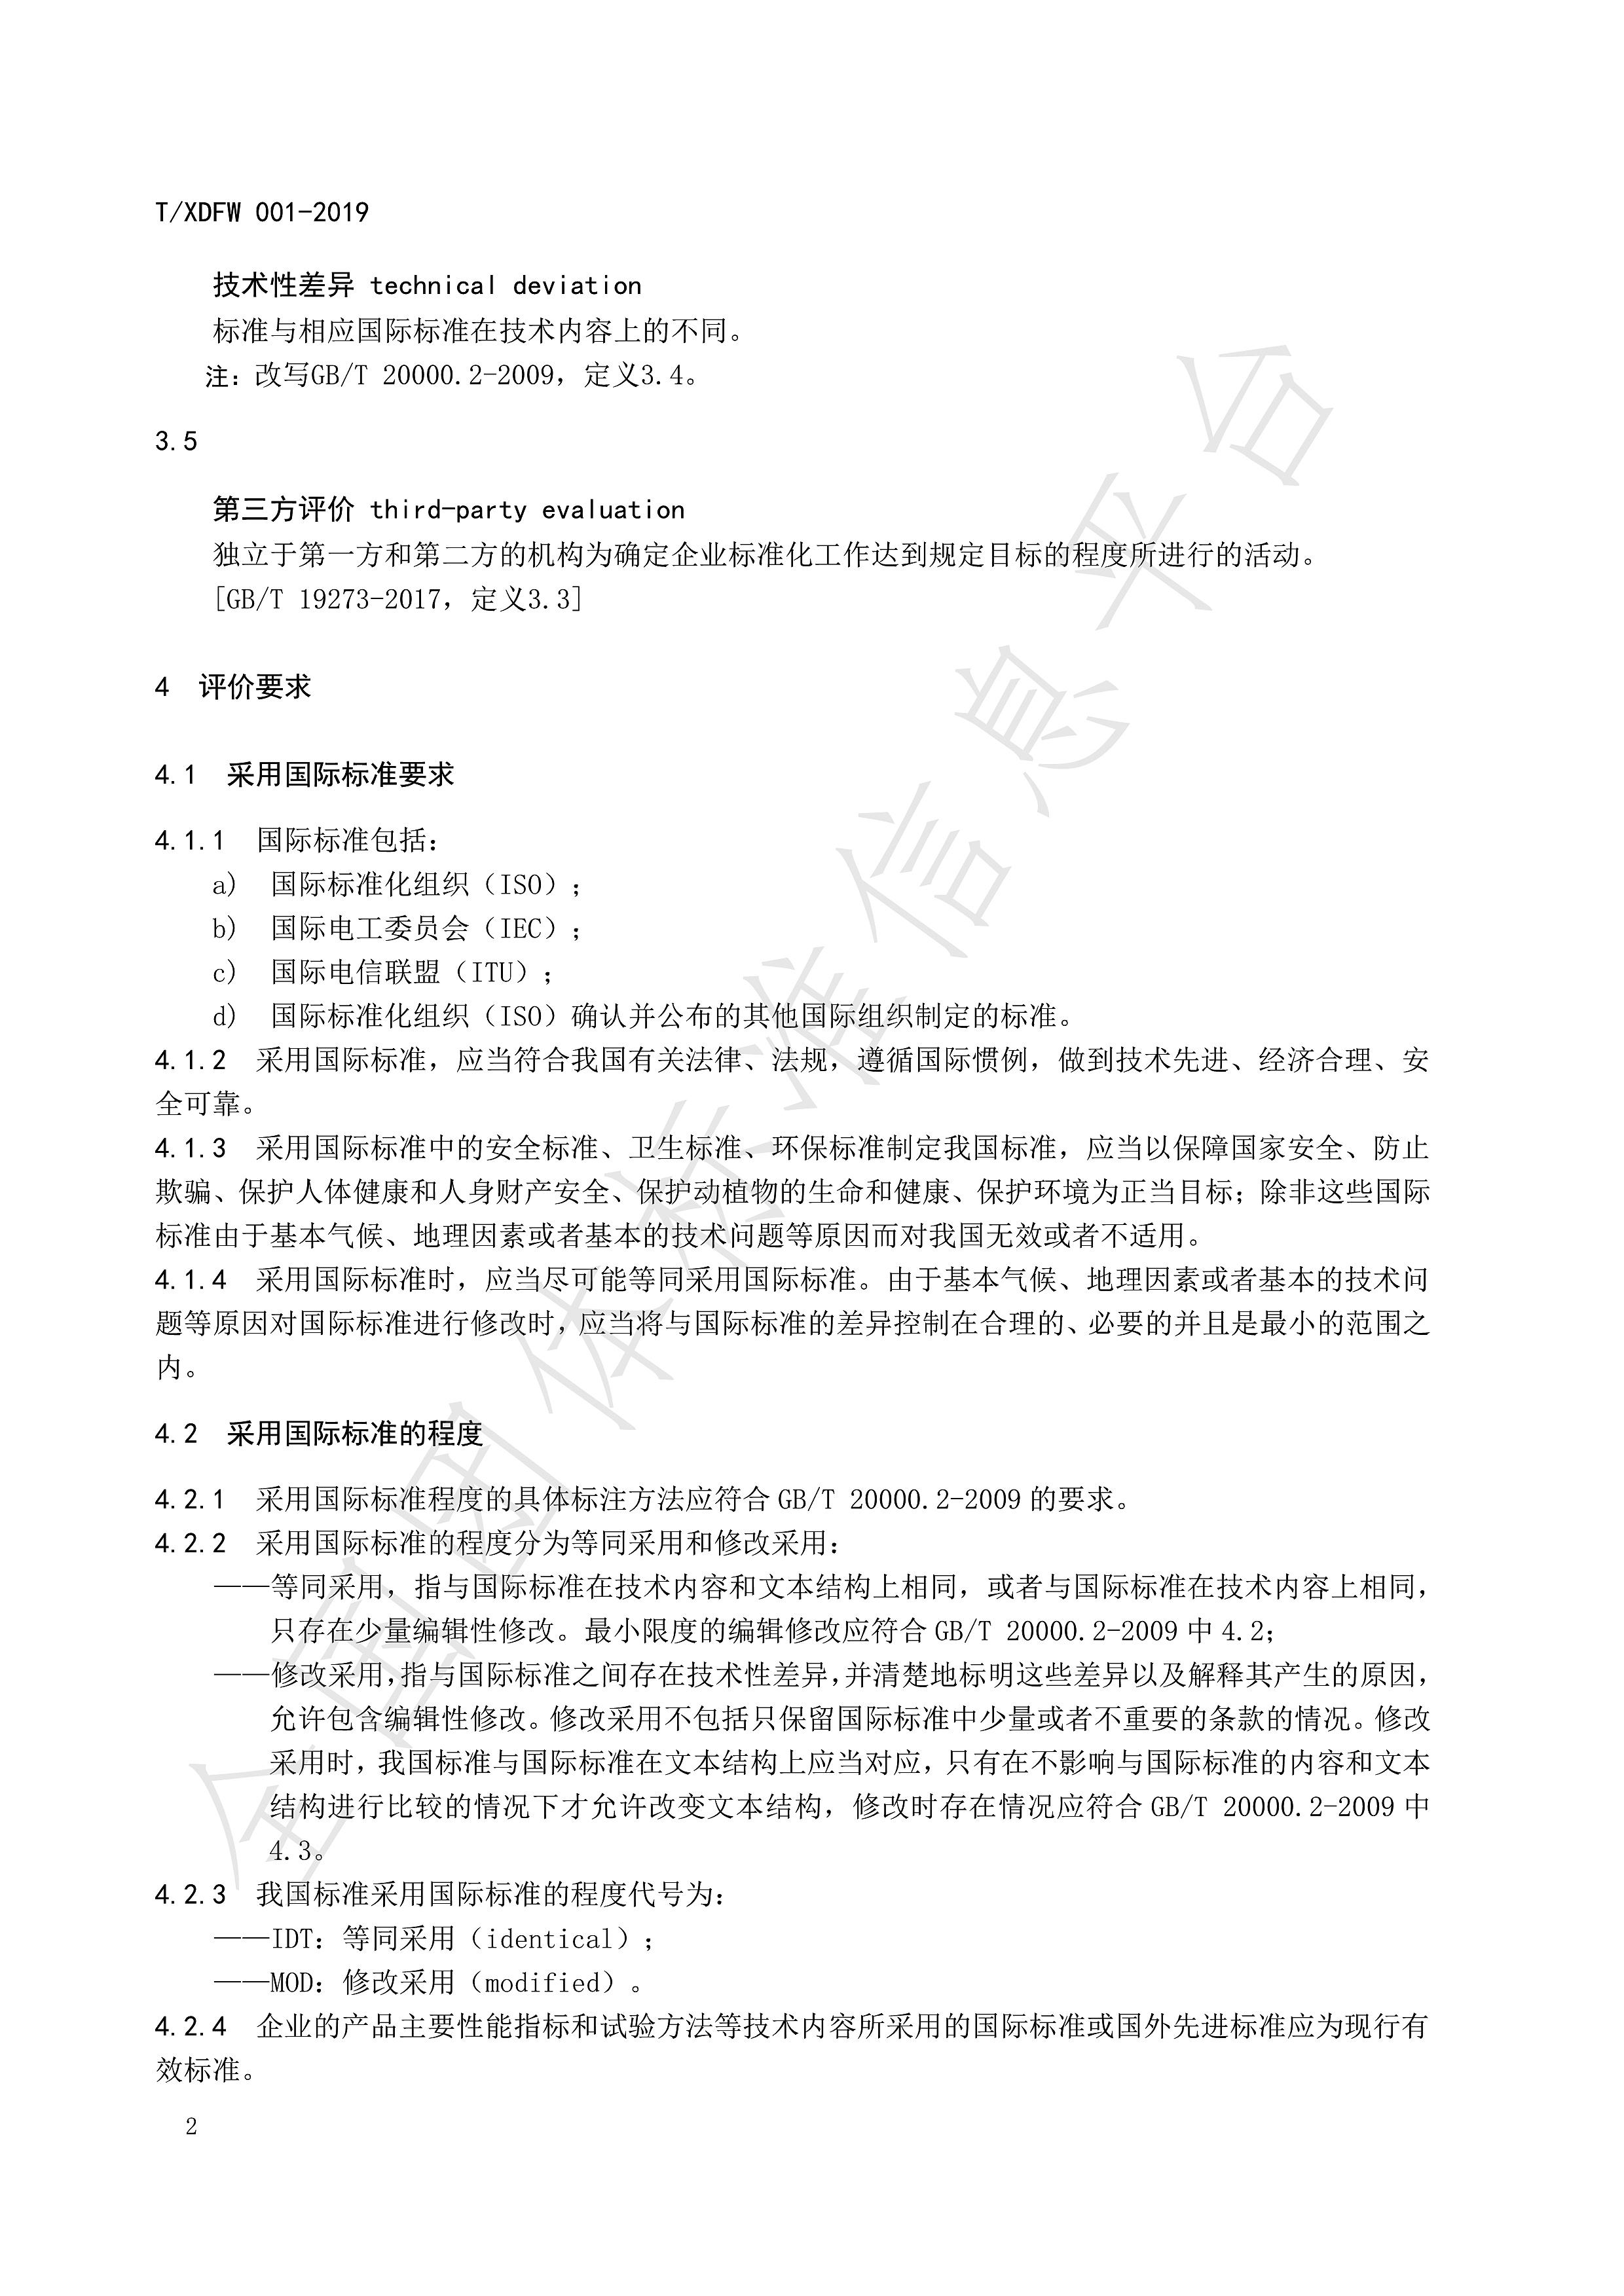 《采用国际标准产品评价规范》水印_6